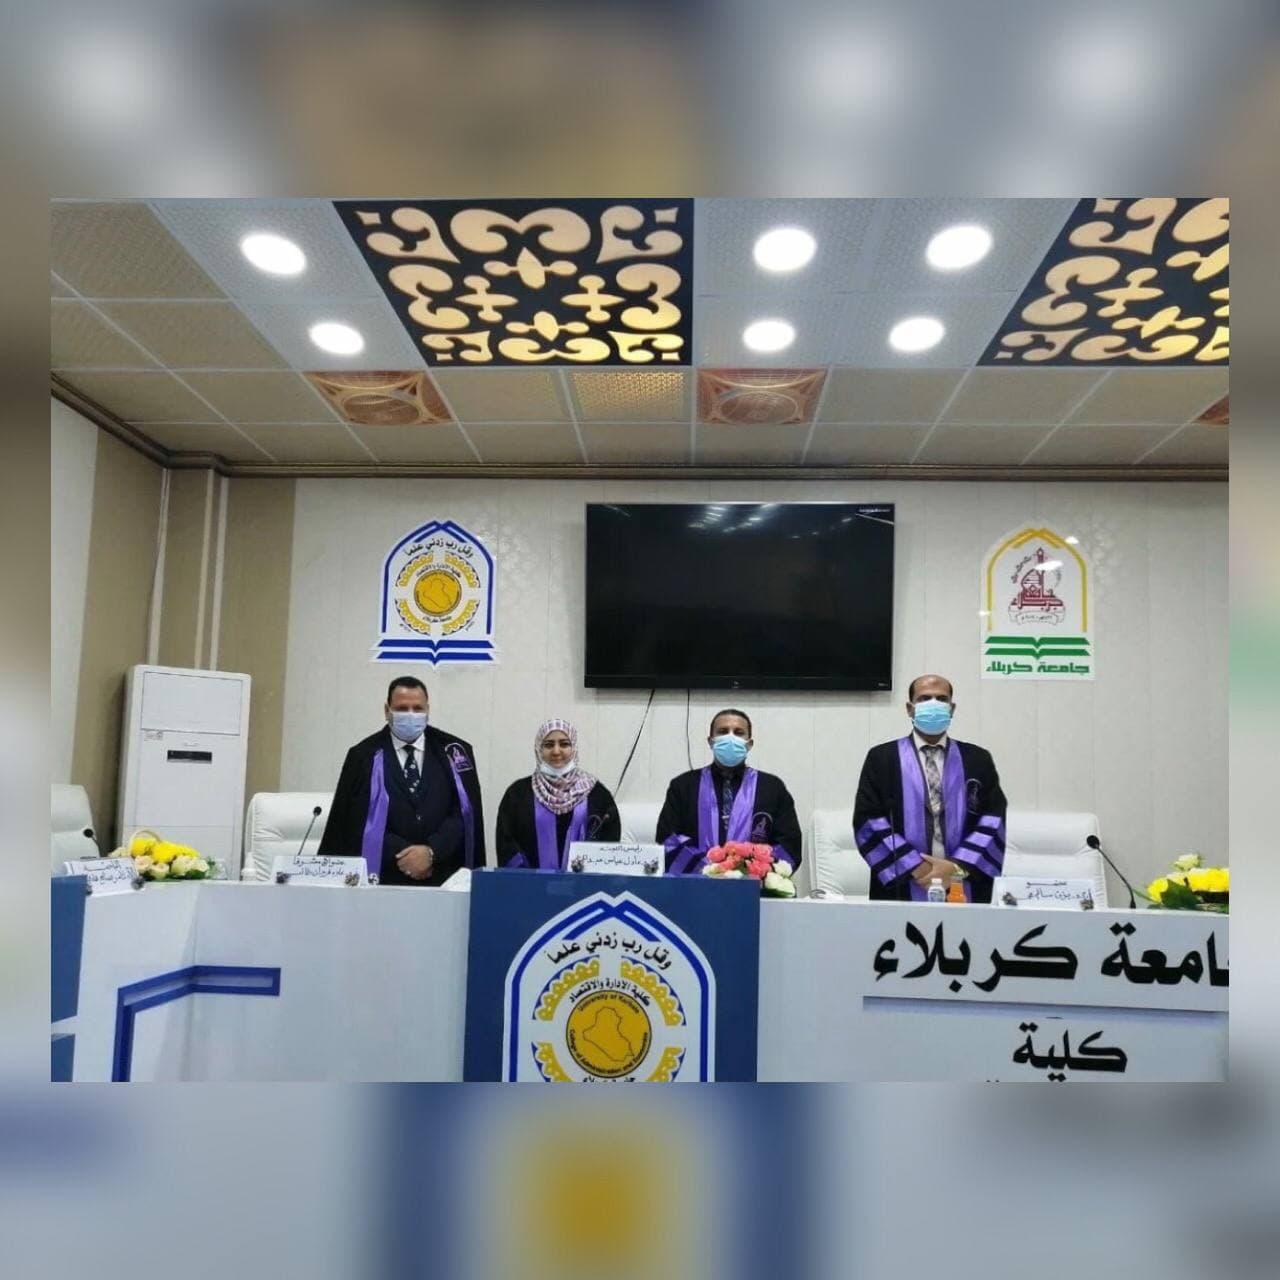 جامعة كربلاء تناقش بحث في دور القيادة الذكية في تحسين جودة العملية التعليمية